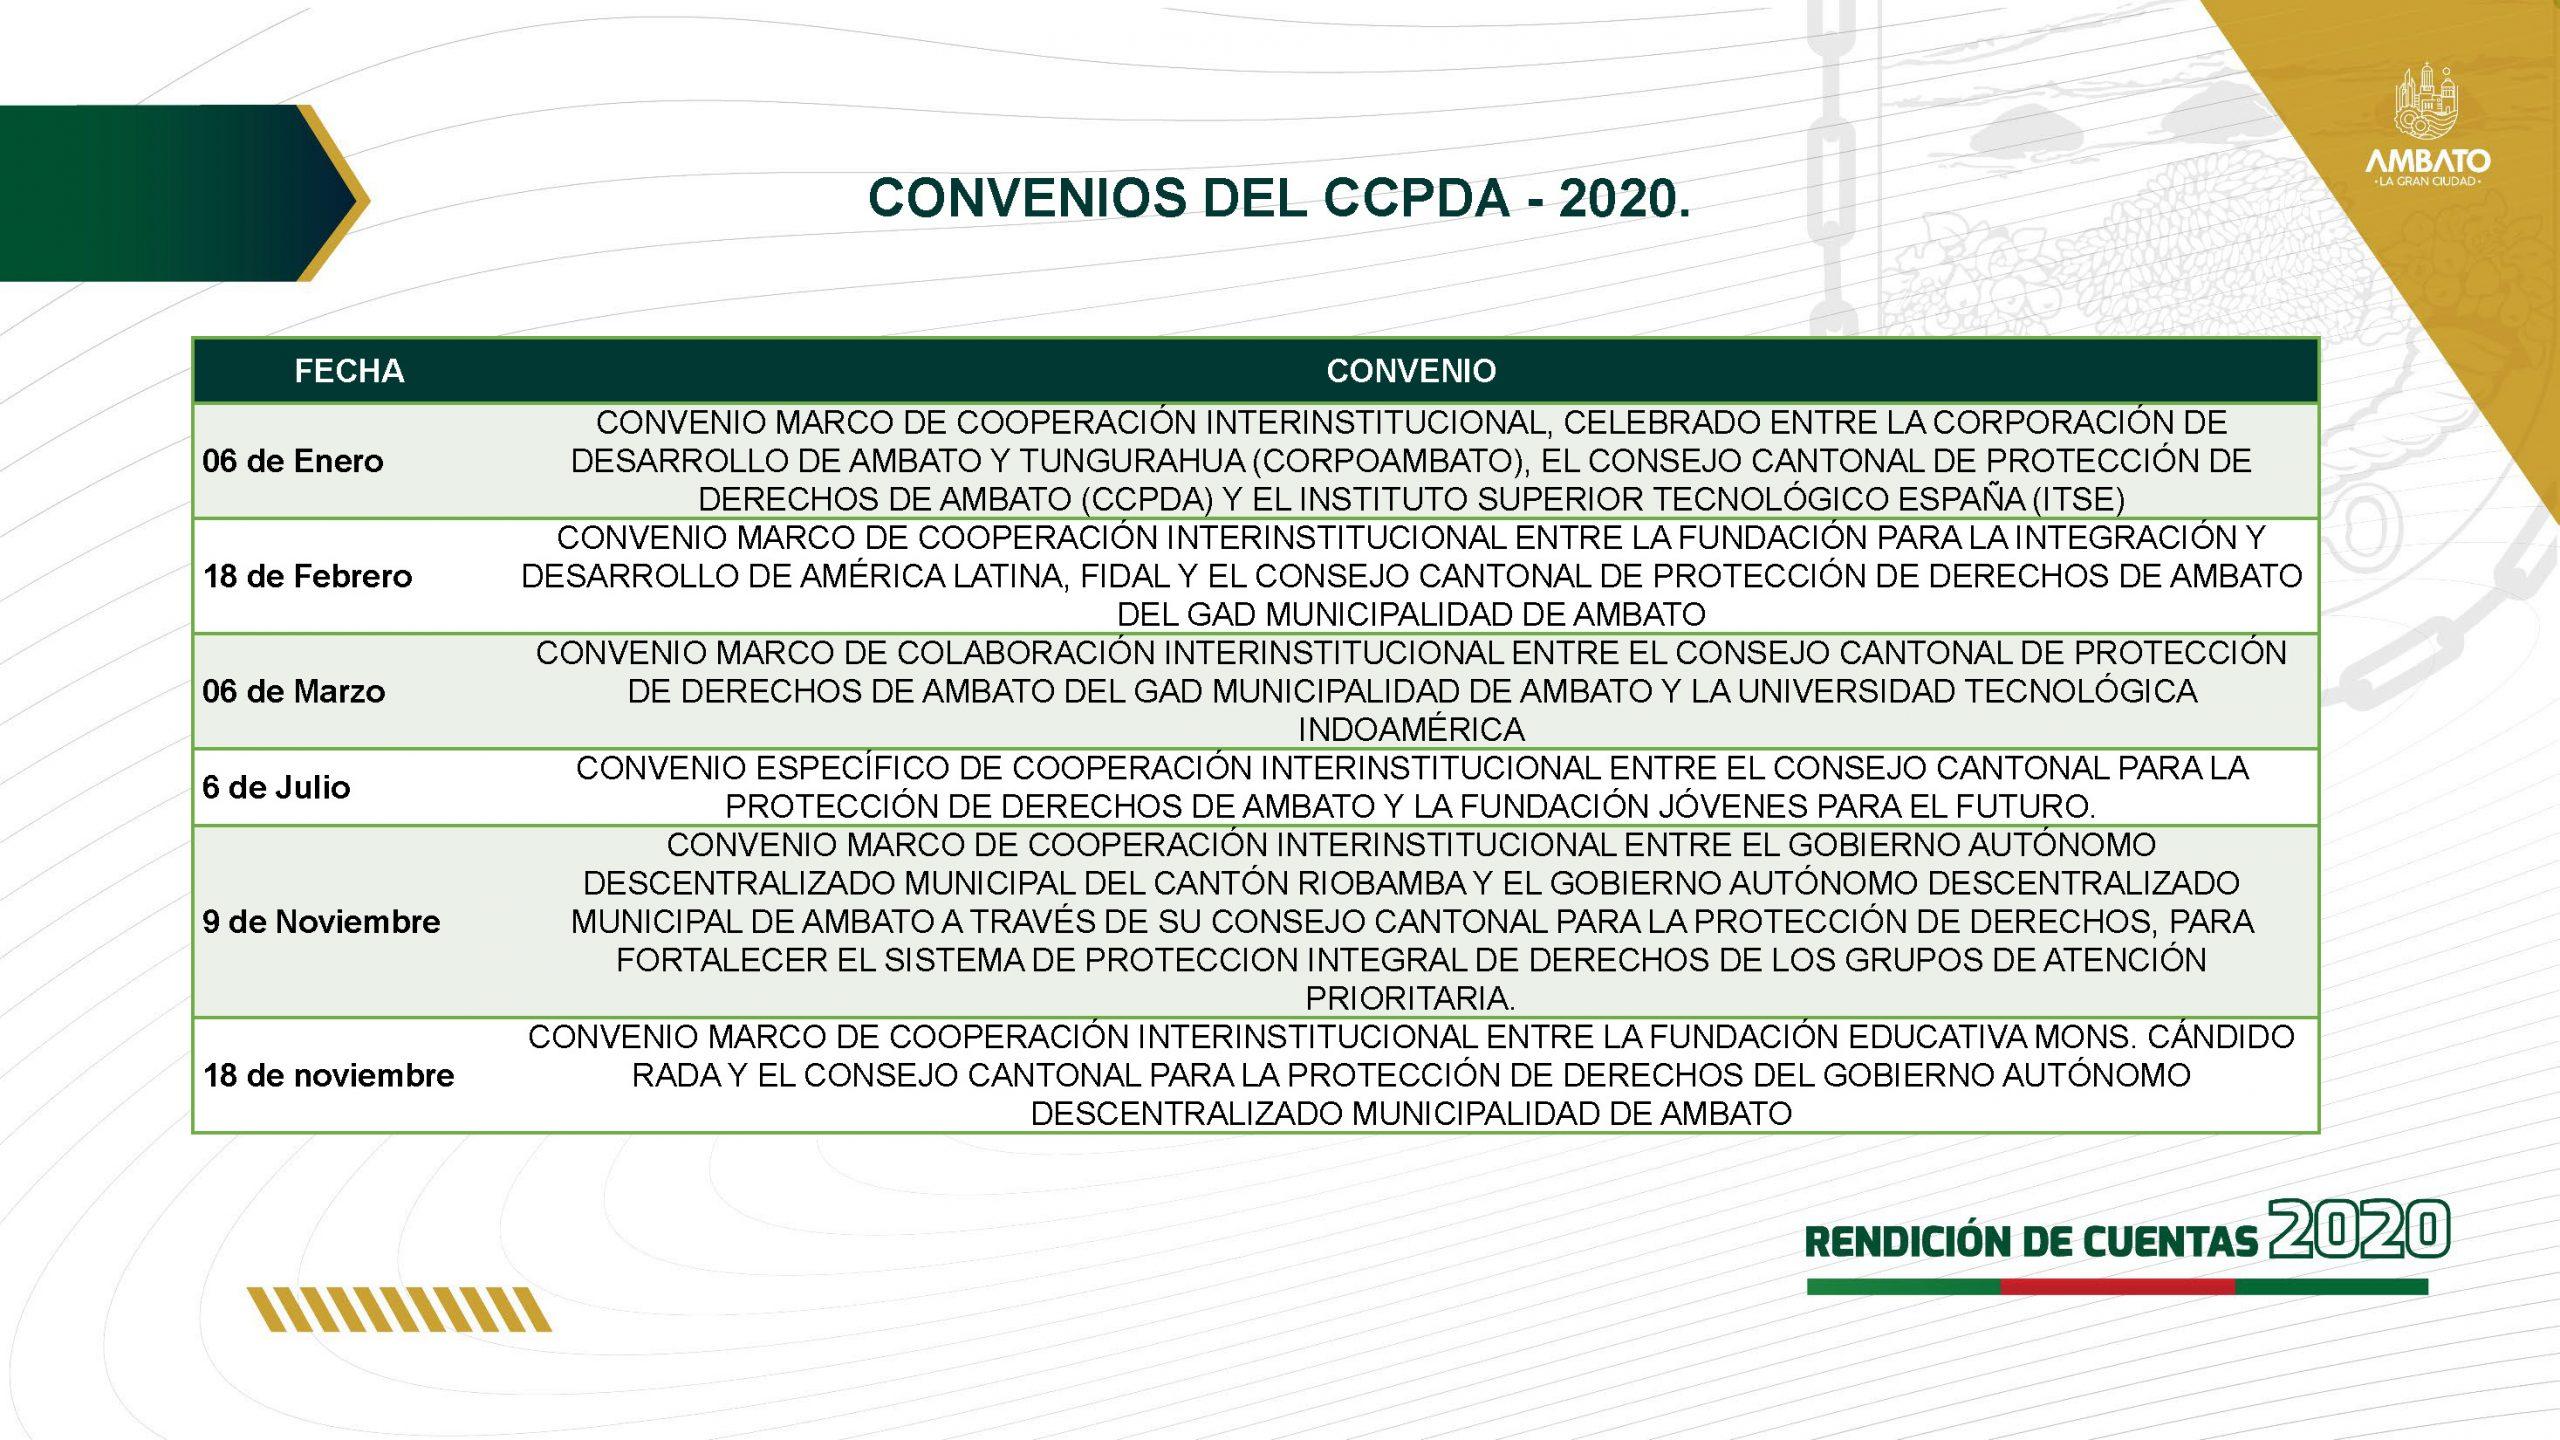 Rendición de Cuentas 2020_Página_28